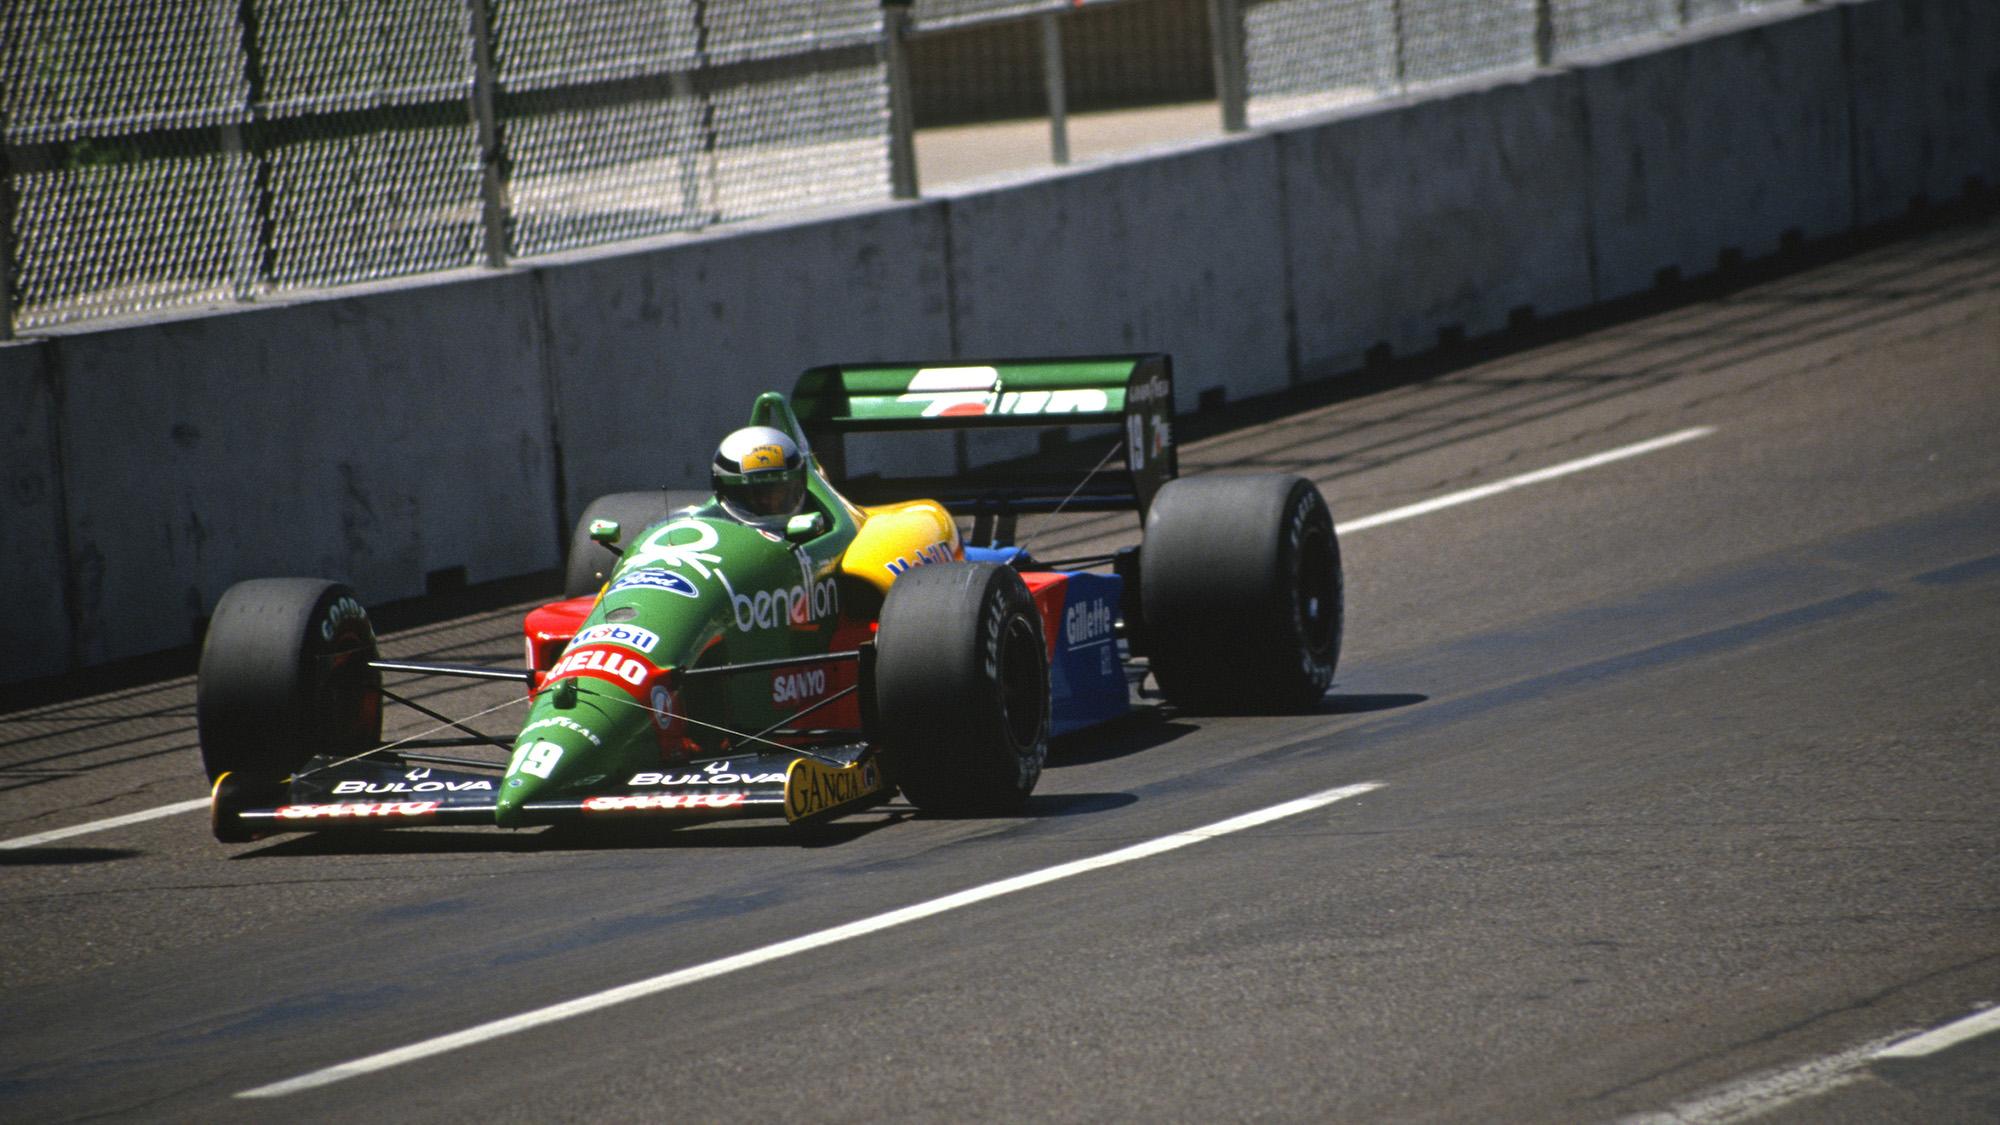 Benetton of Alessandro Nannini in the 1989 US Grand Prix